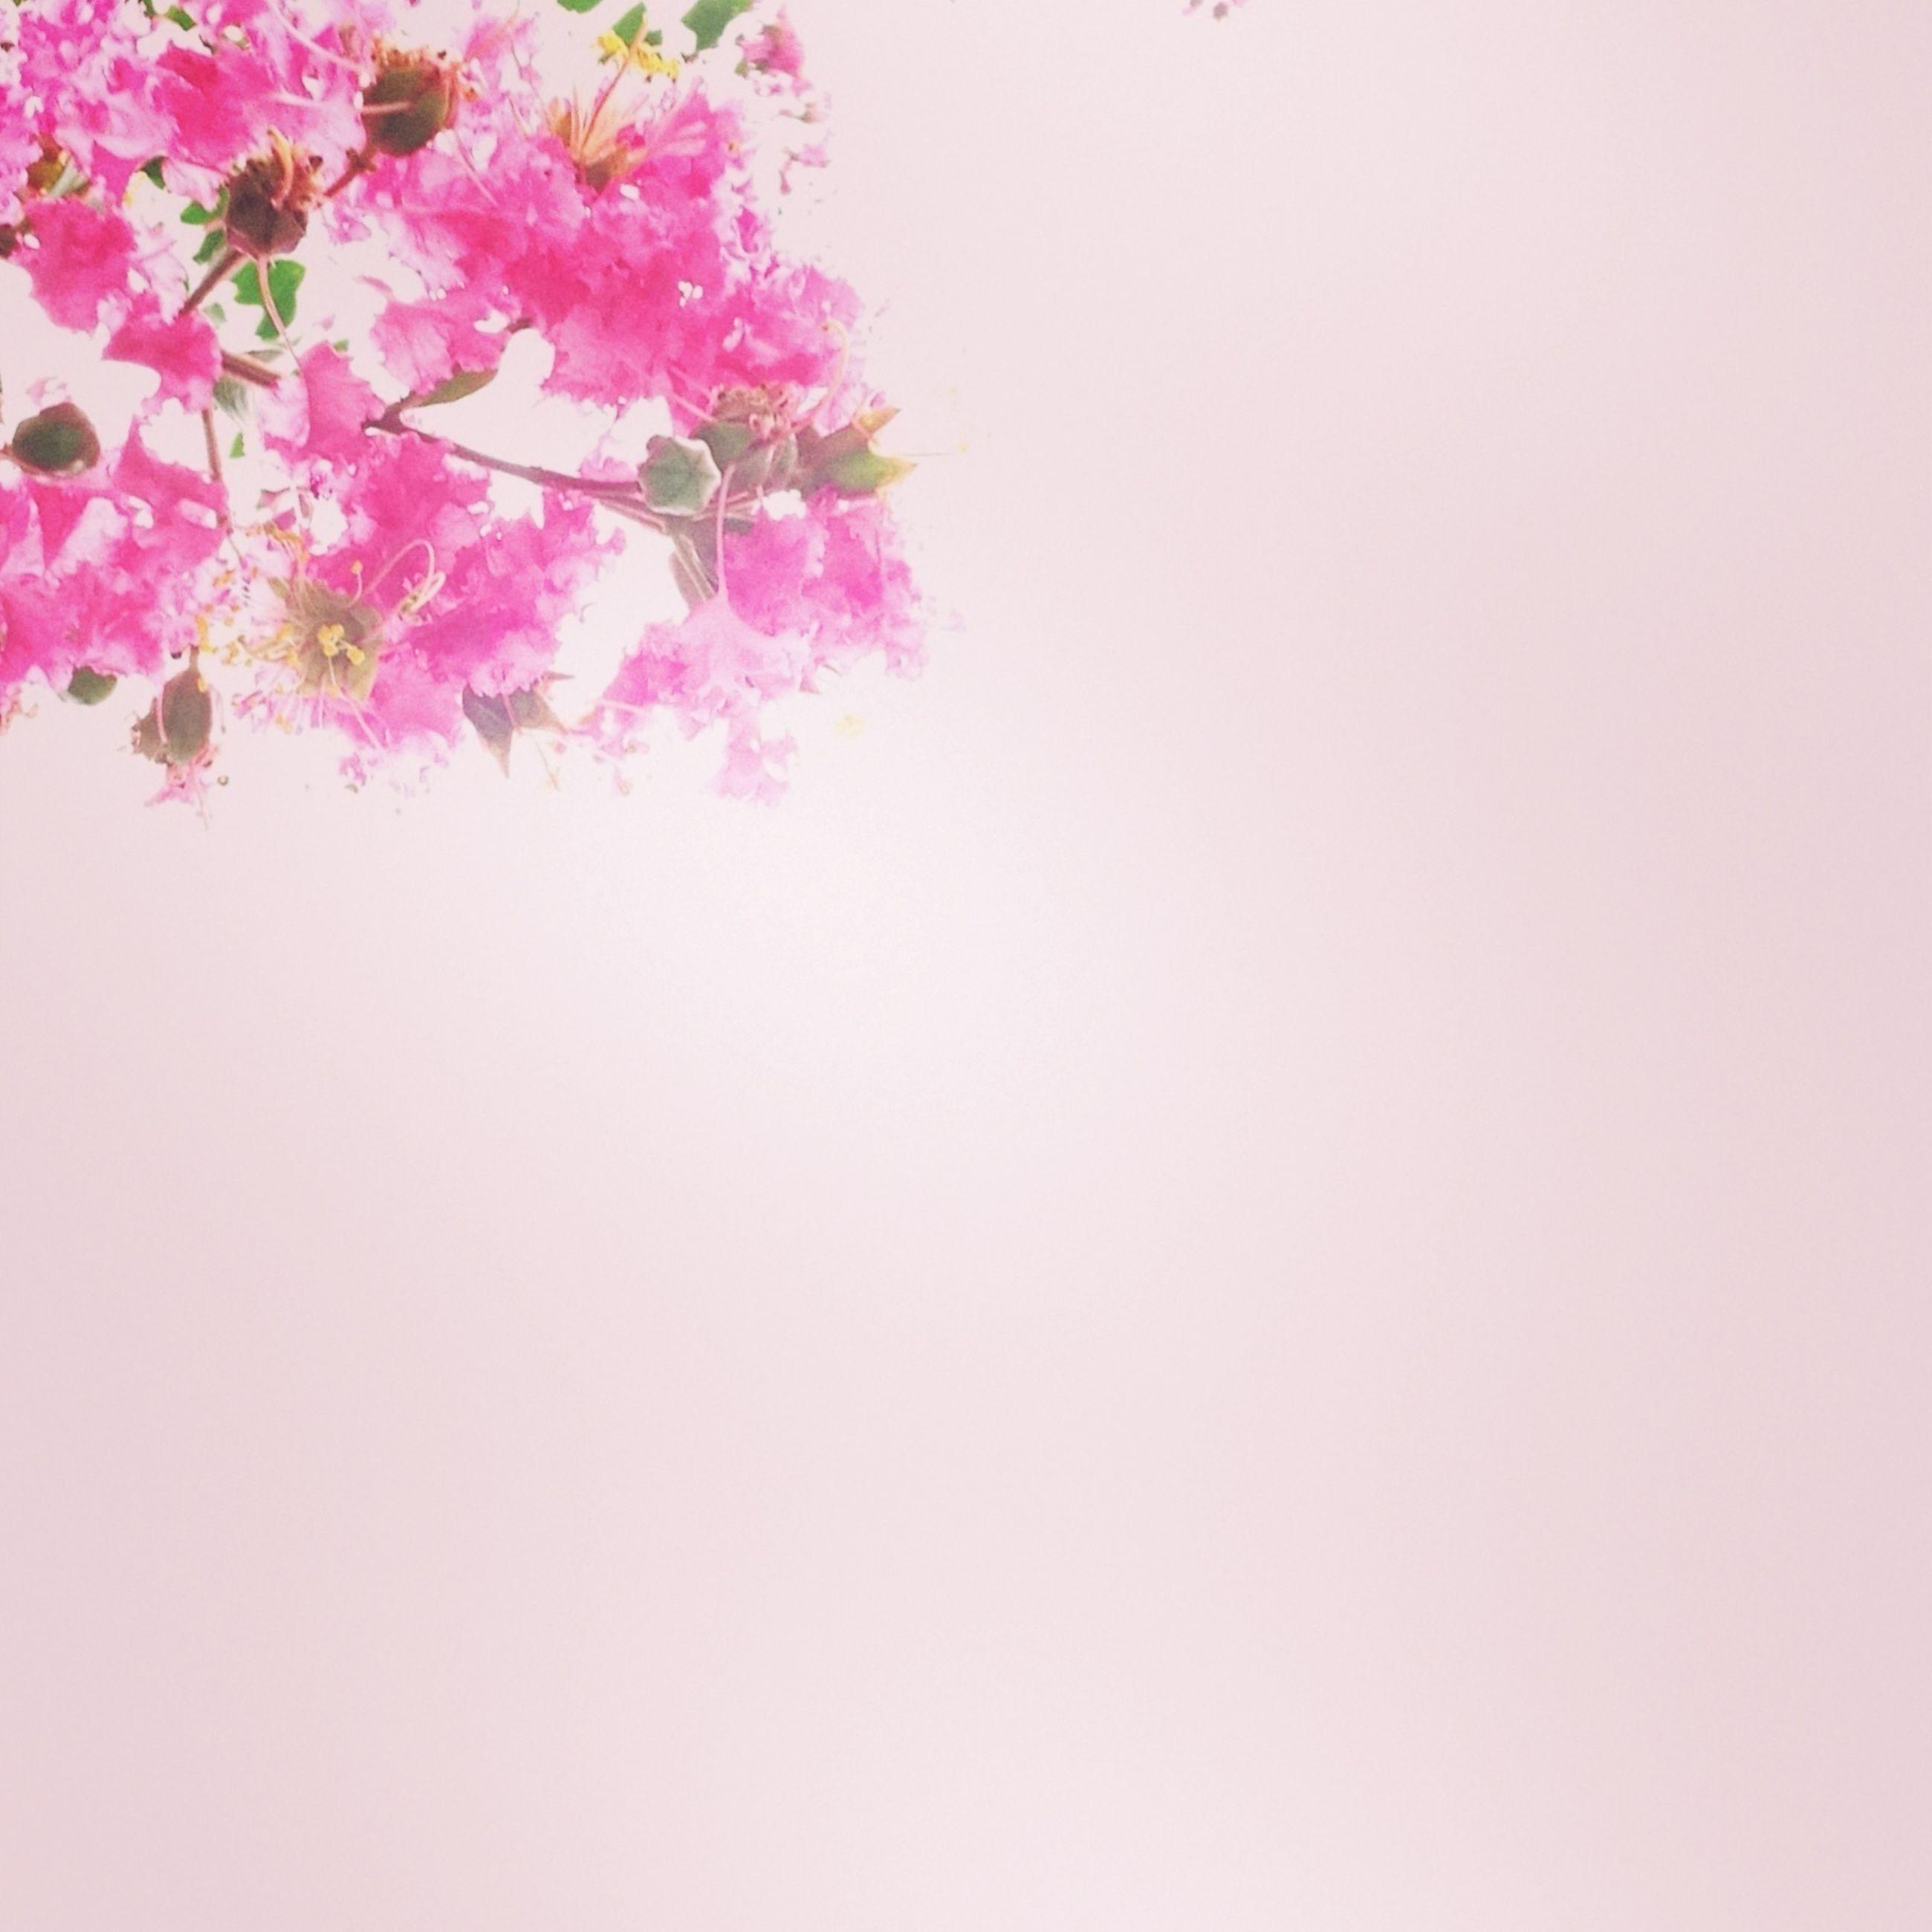 夏の名残 Flowers Minimalism Negative Space Minimalobsession